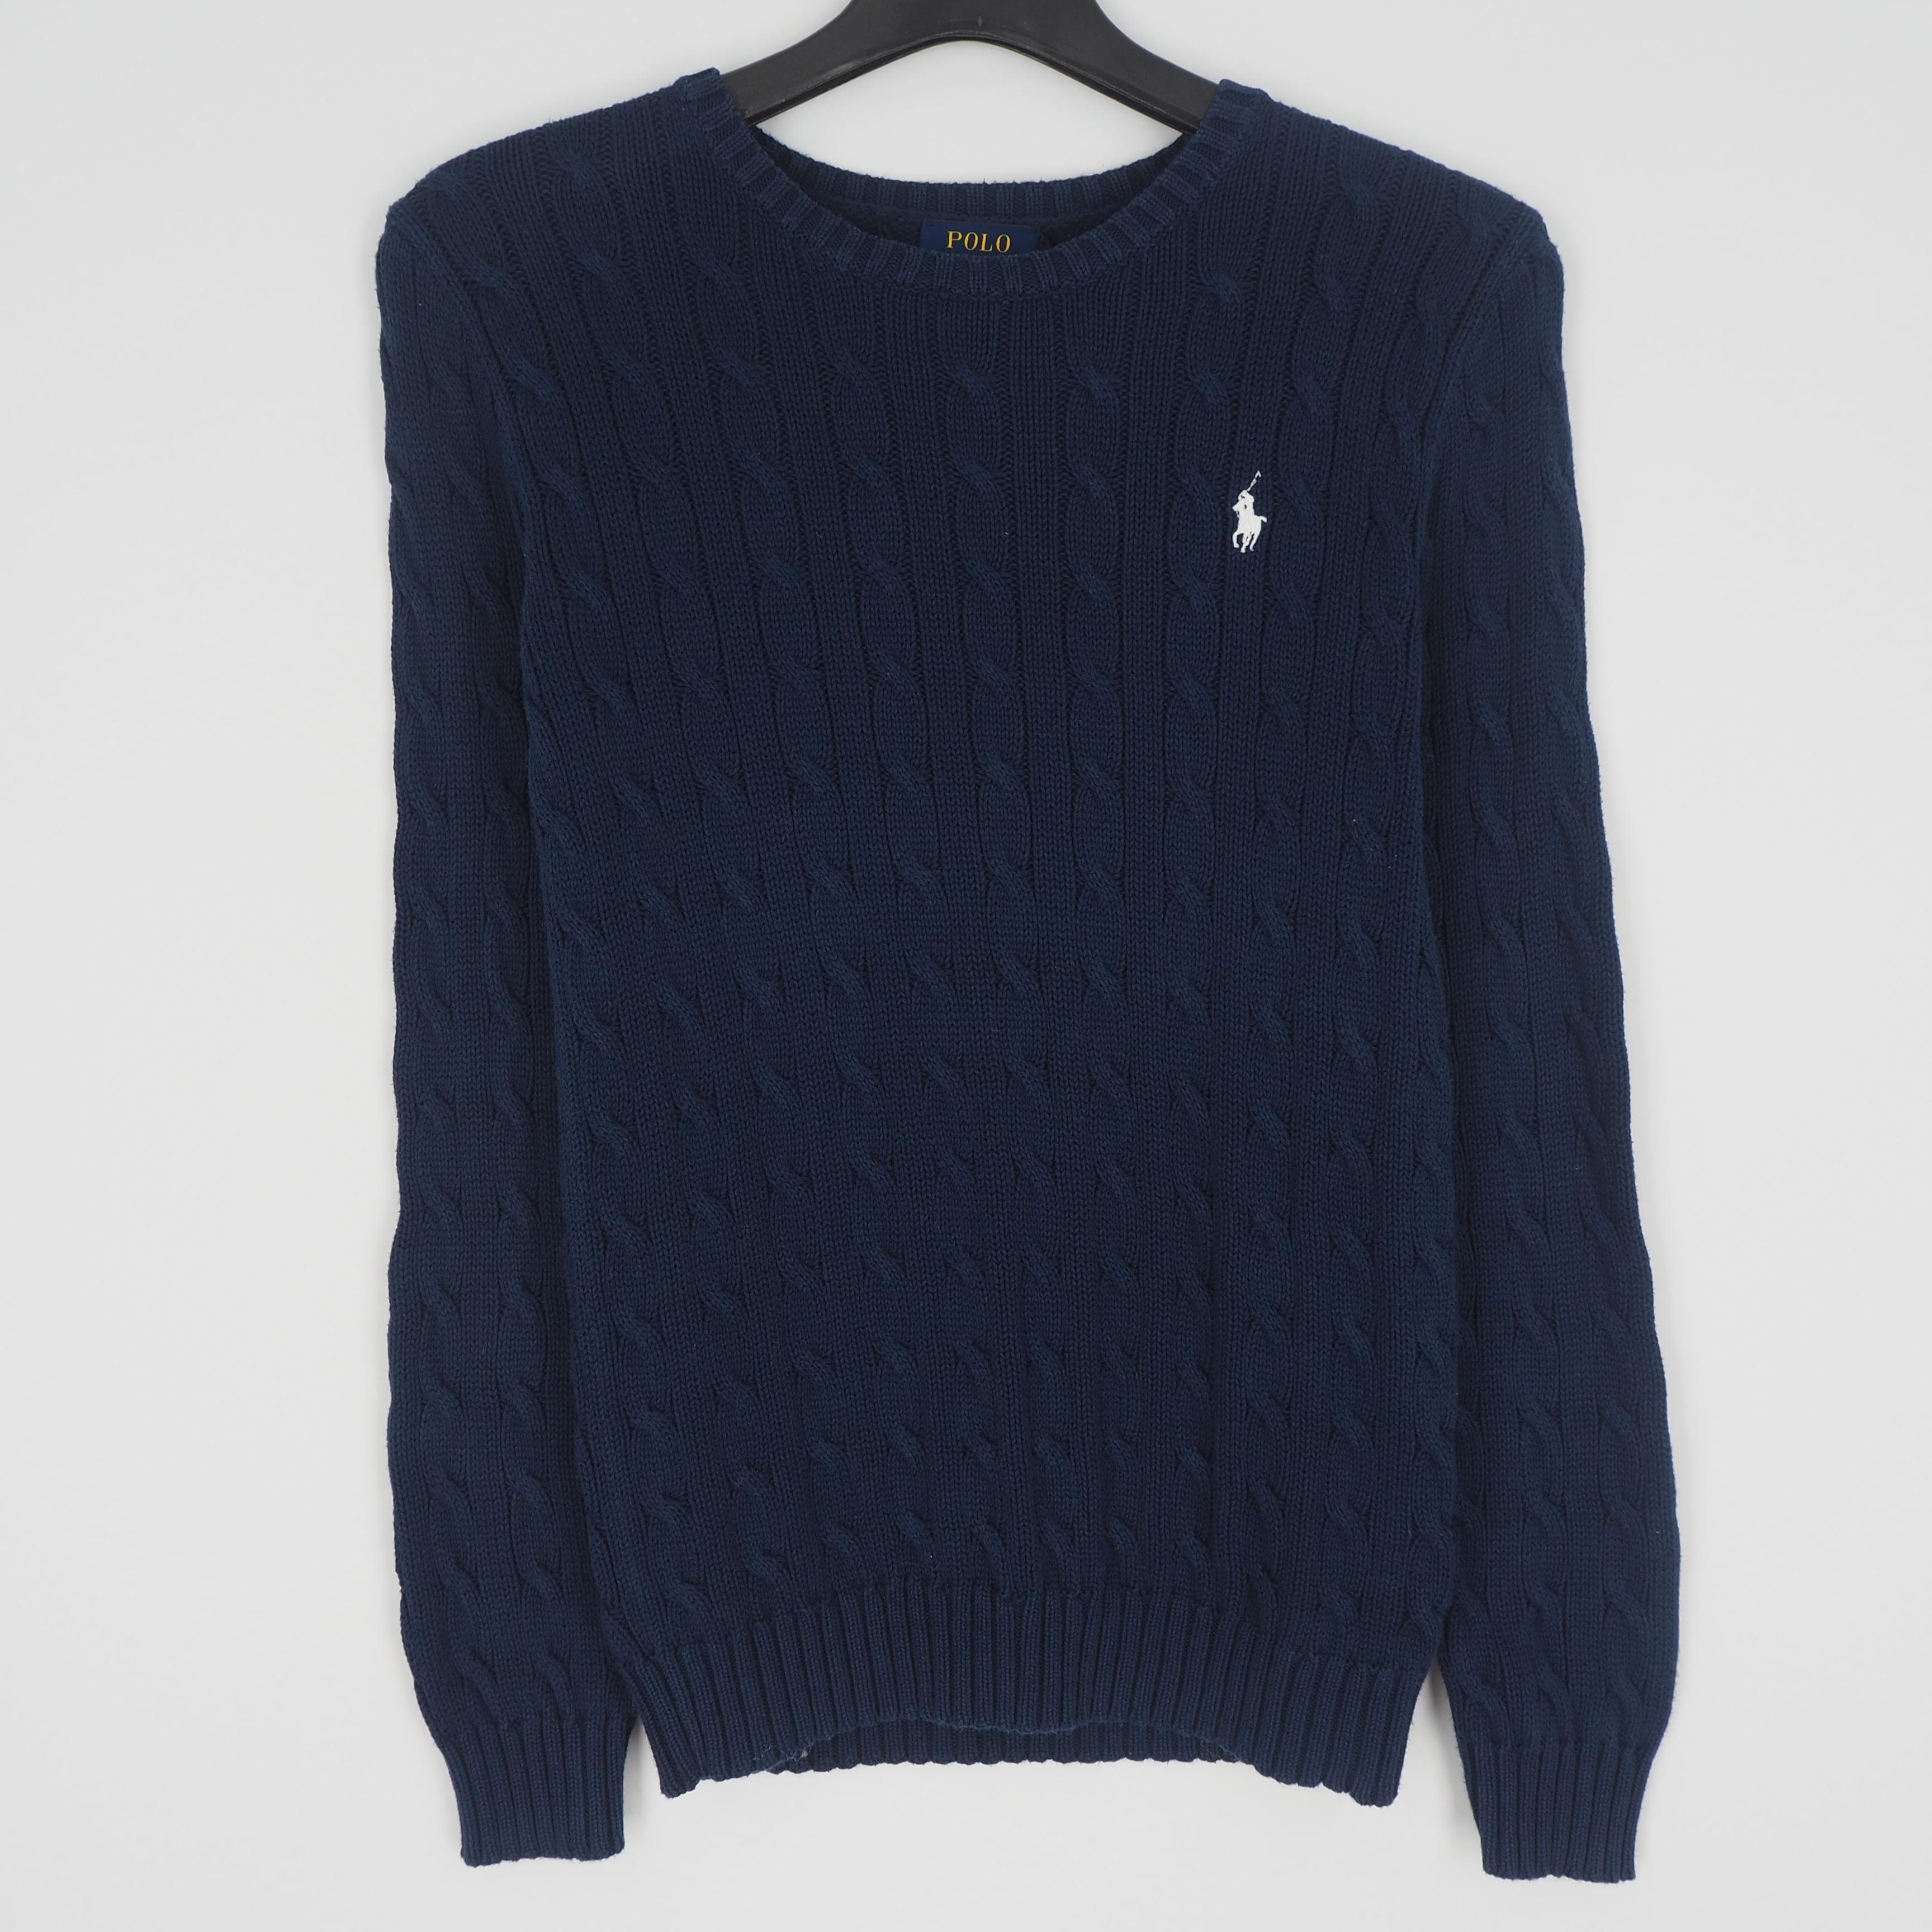 [XS] 랄프로렌 긴팔 니트/스웨터